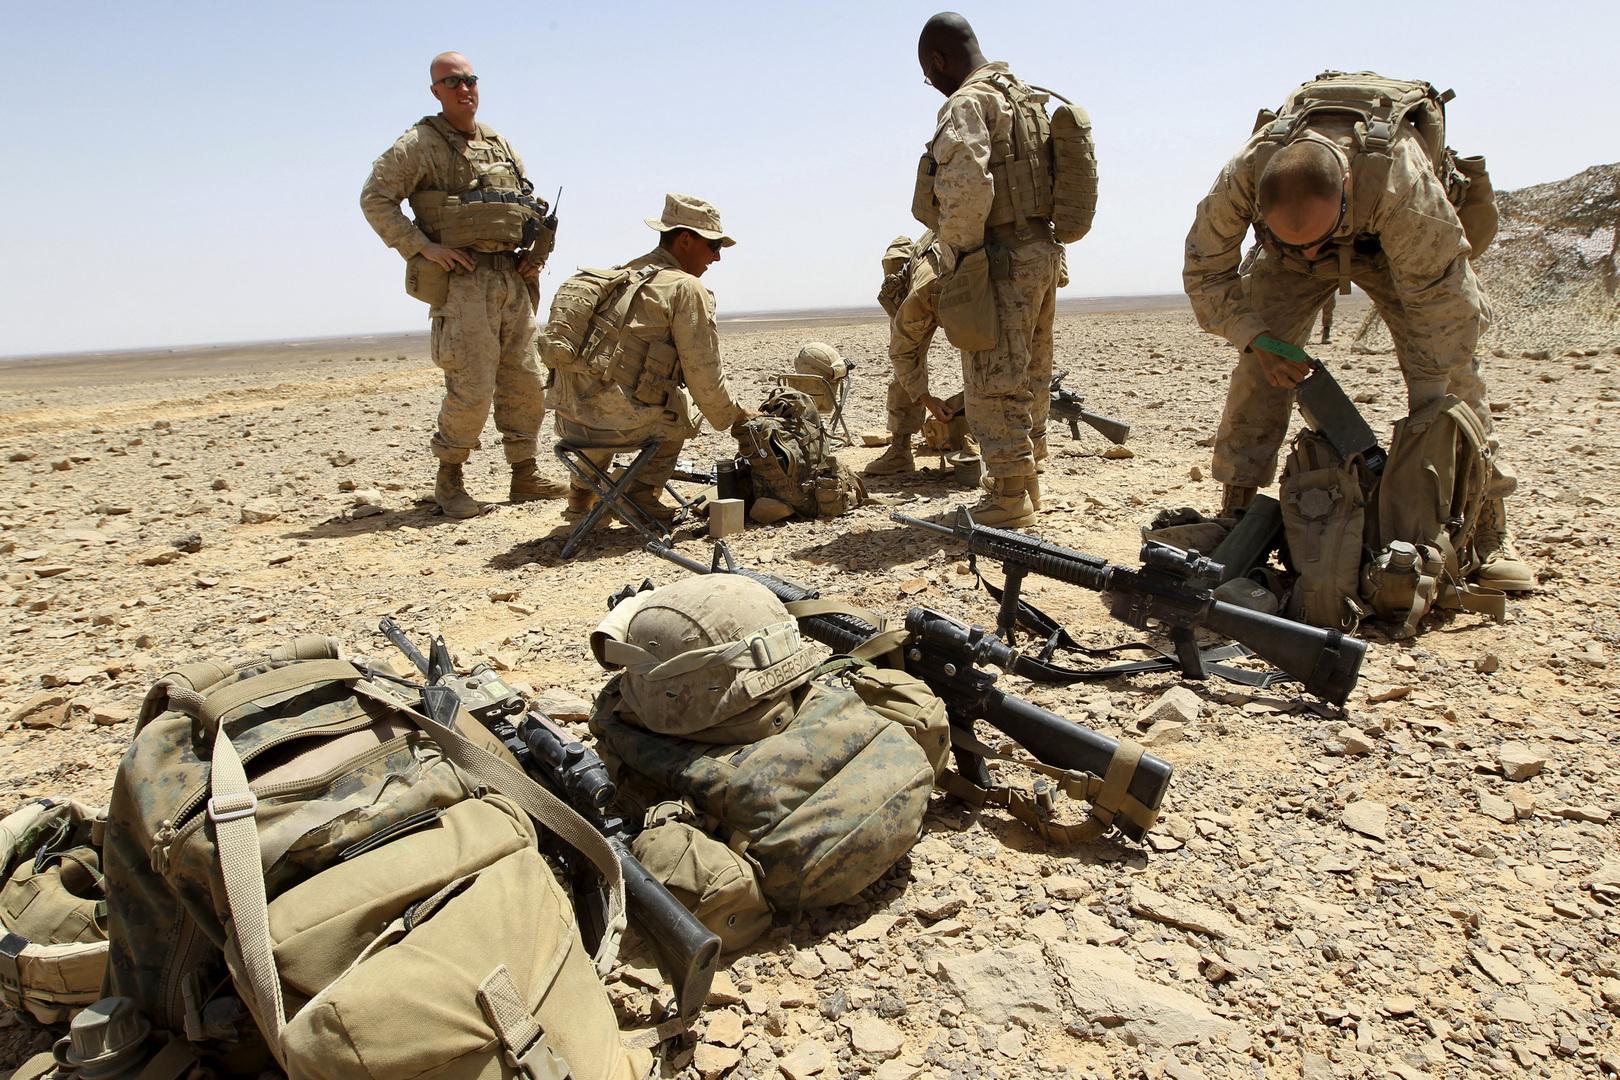 عناصر من القوات الأمريكية في الشرق الأوسط (أرشيف)